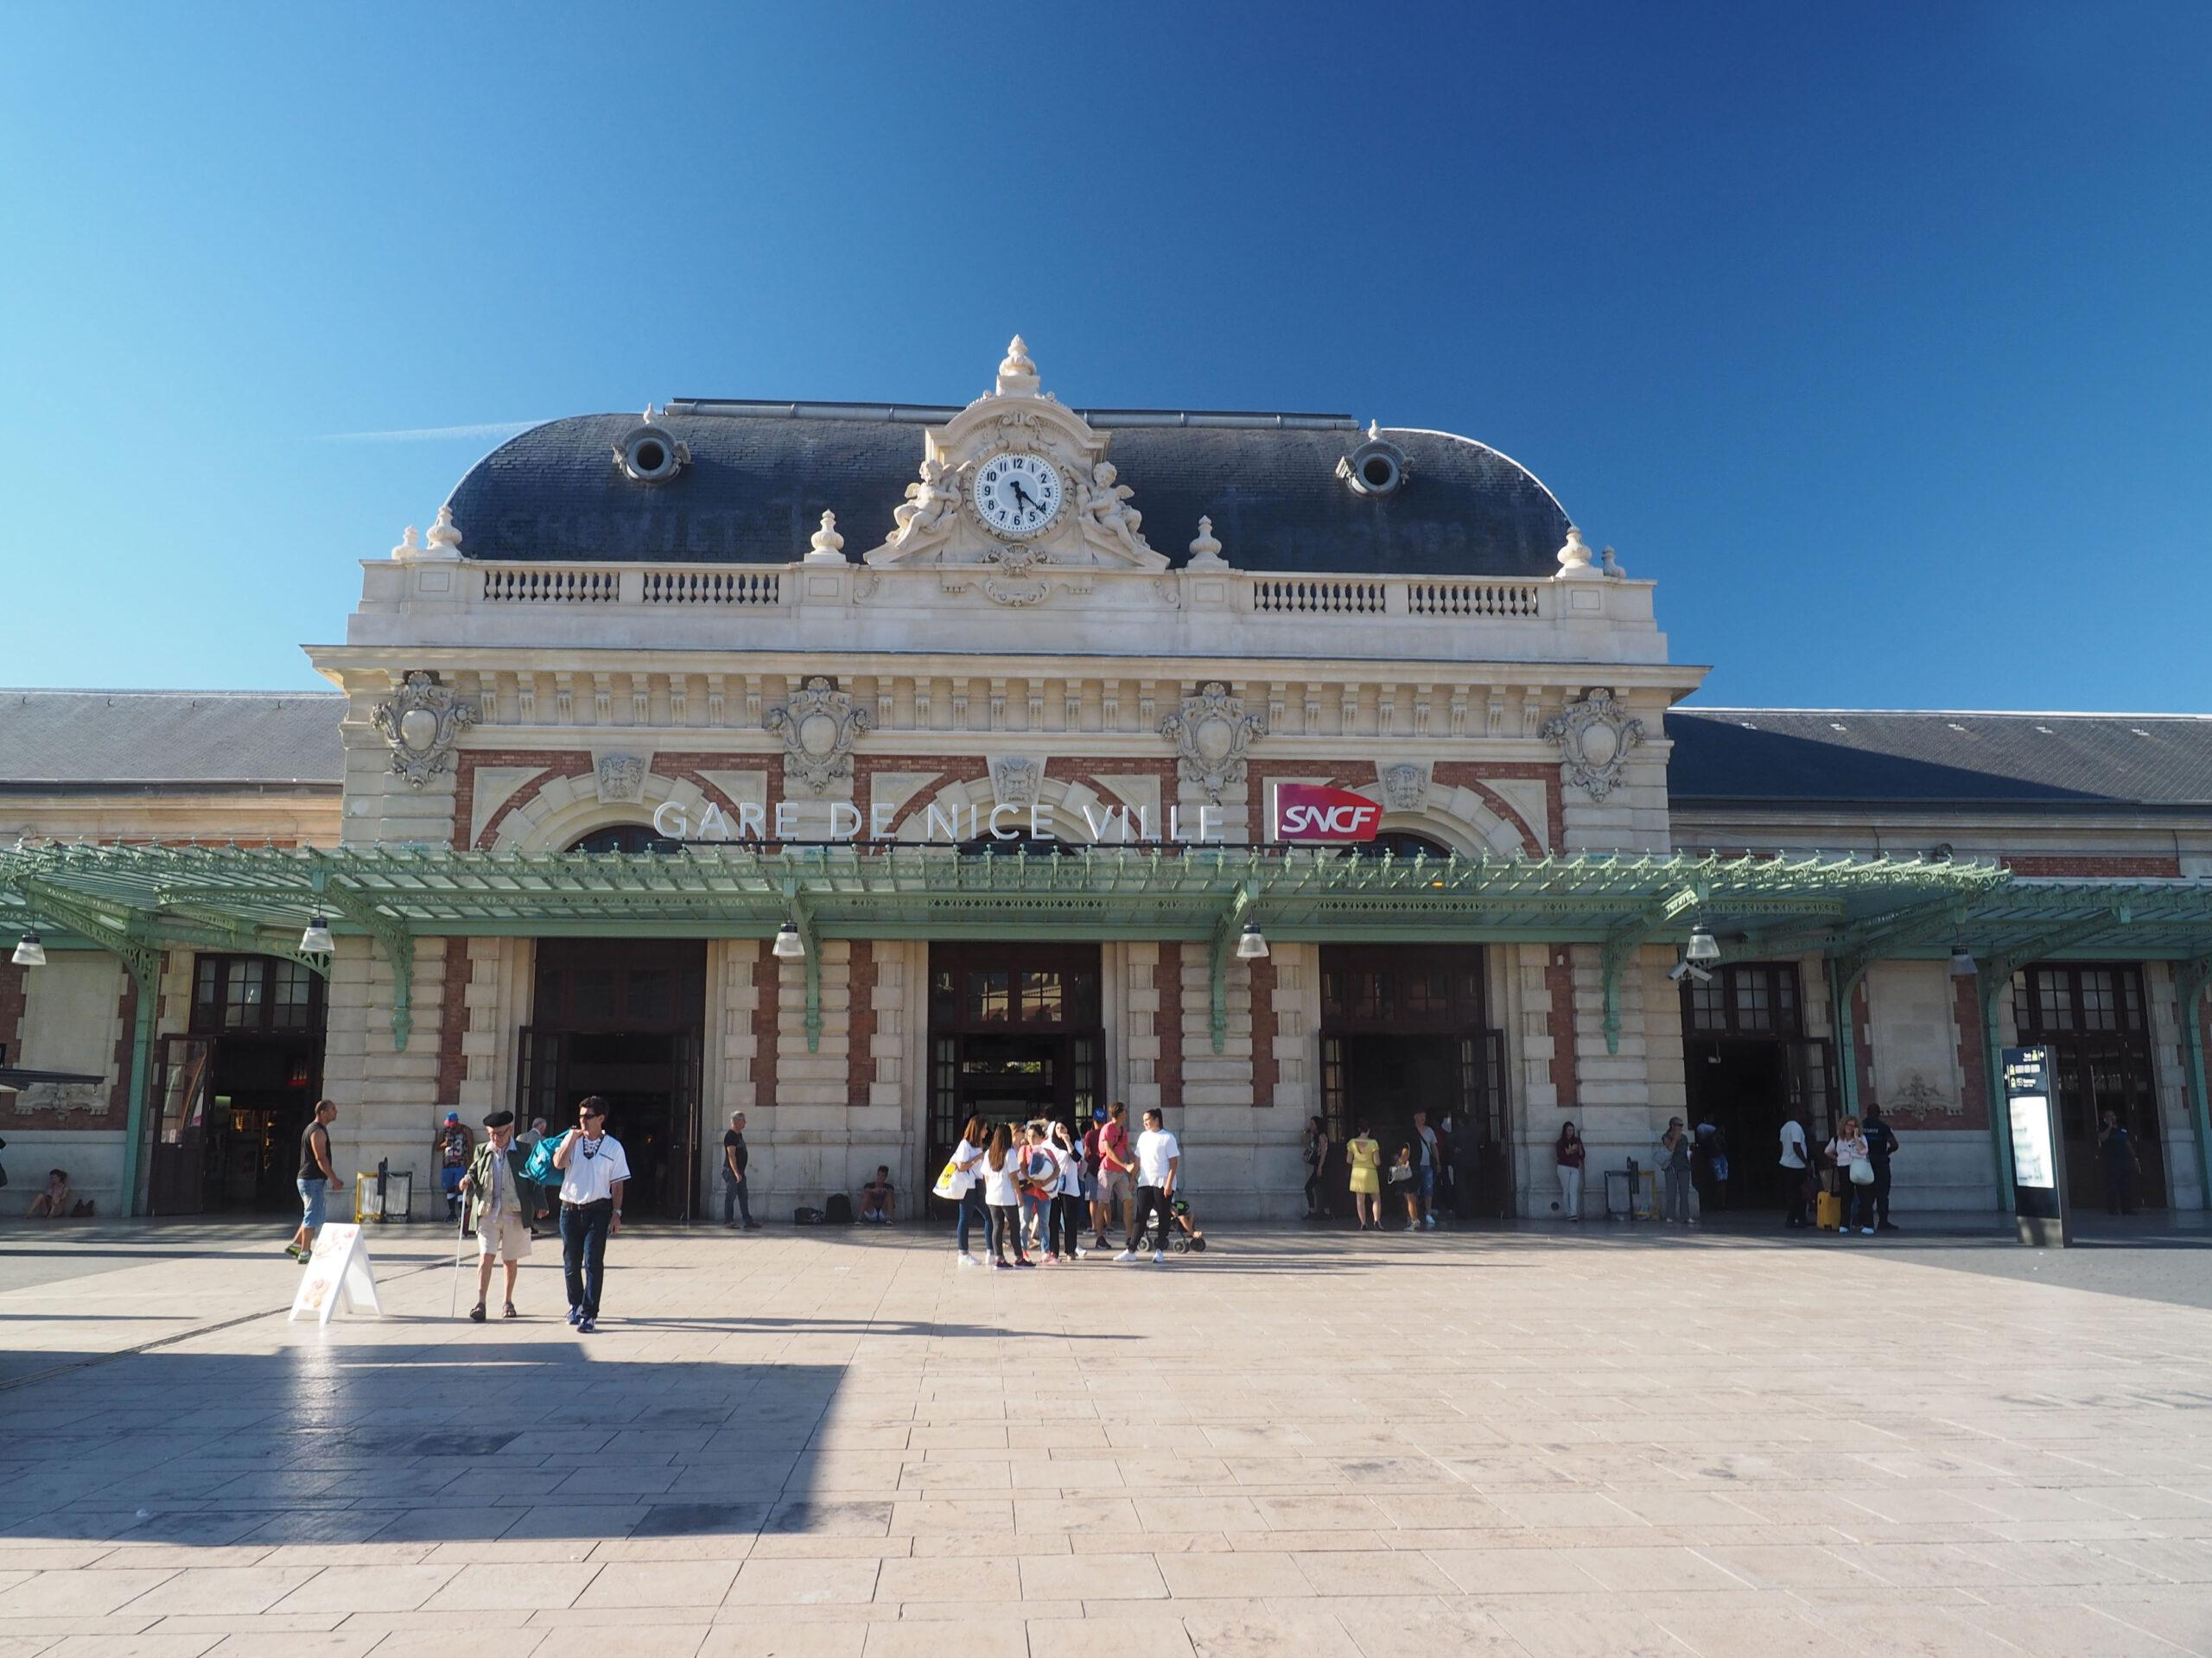 Gare de Nice Ville stasjon tog fra Paris til Nice